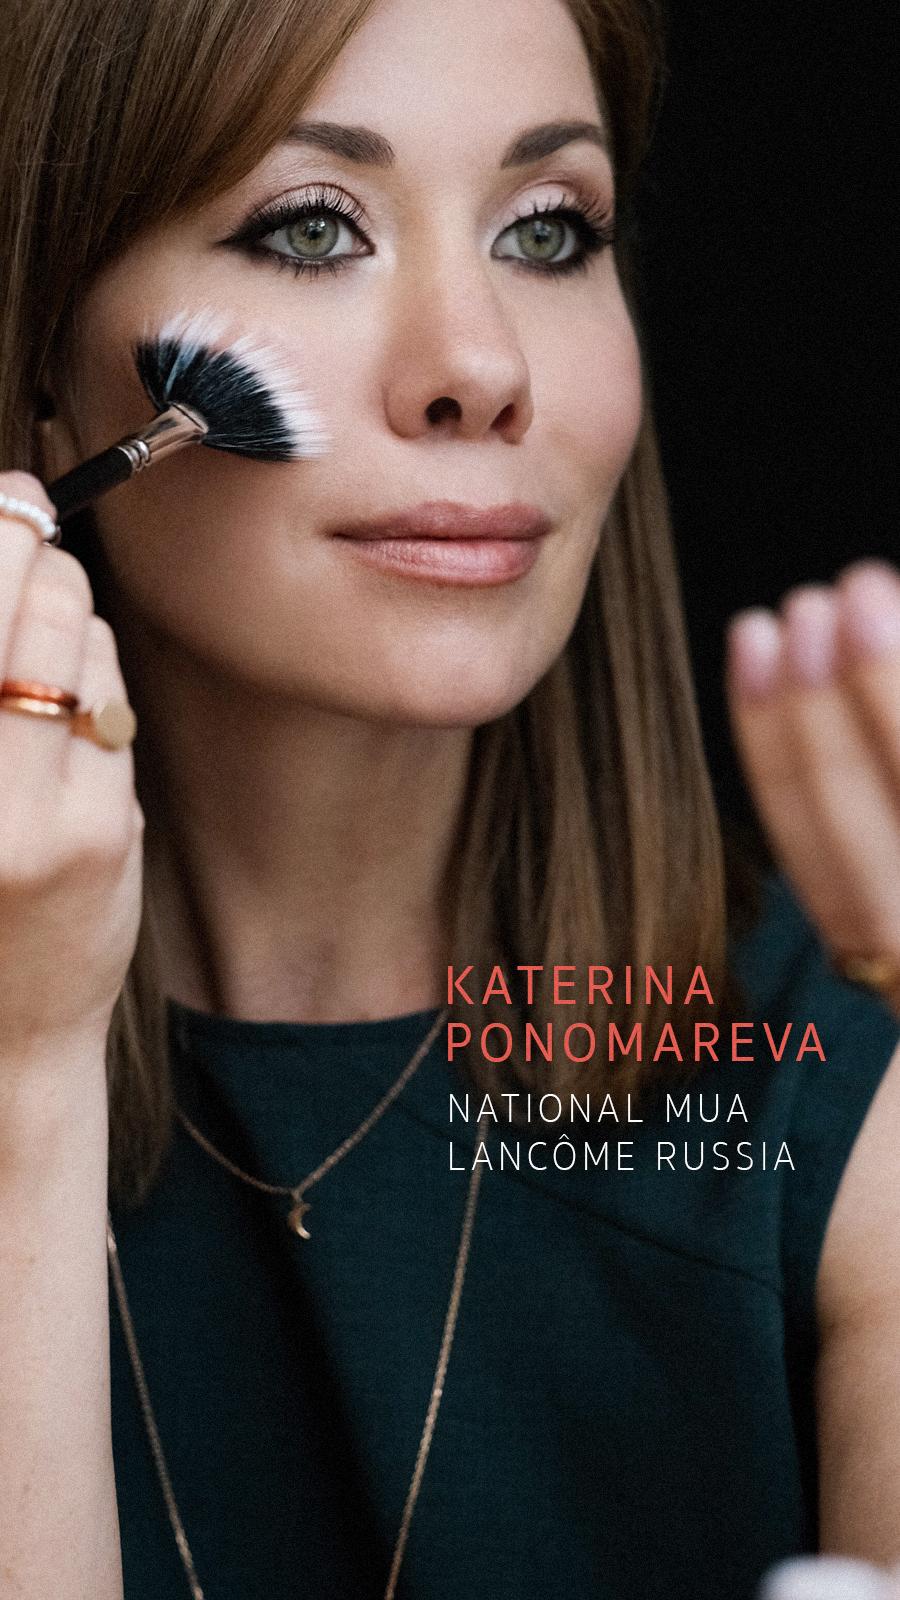 Екатерина пономарева визажист модельный бизнес нерюнгри